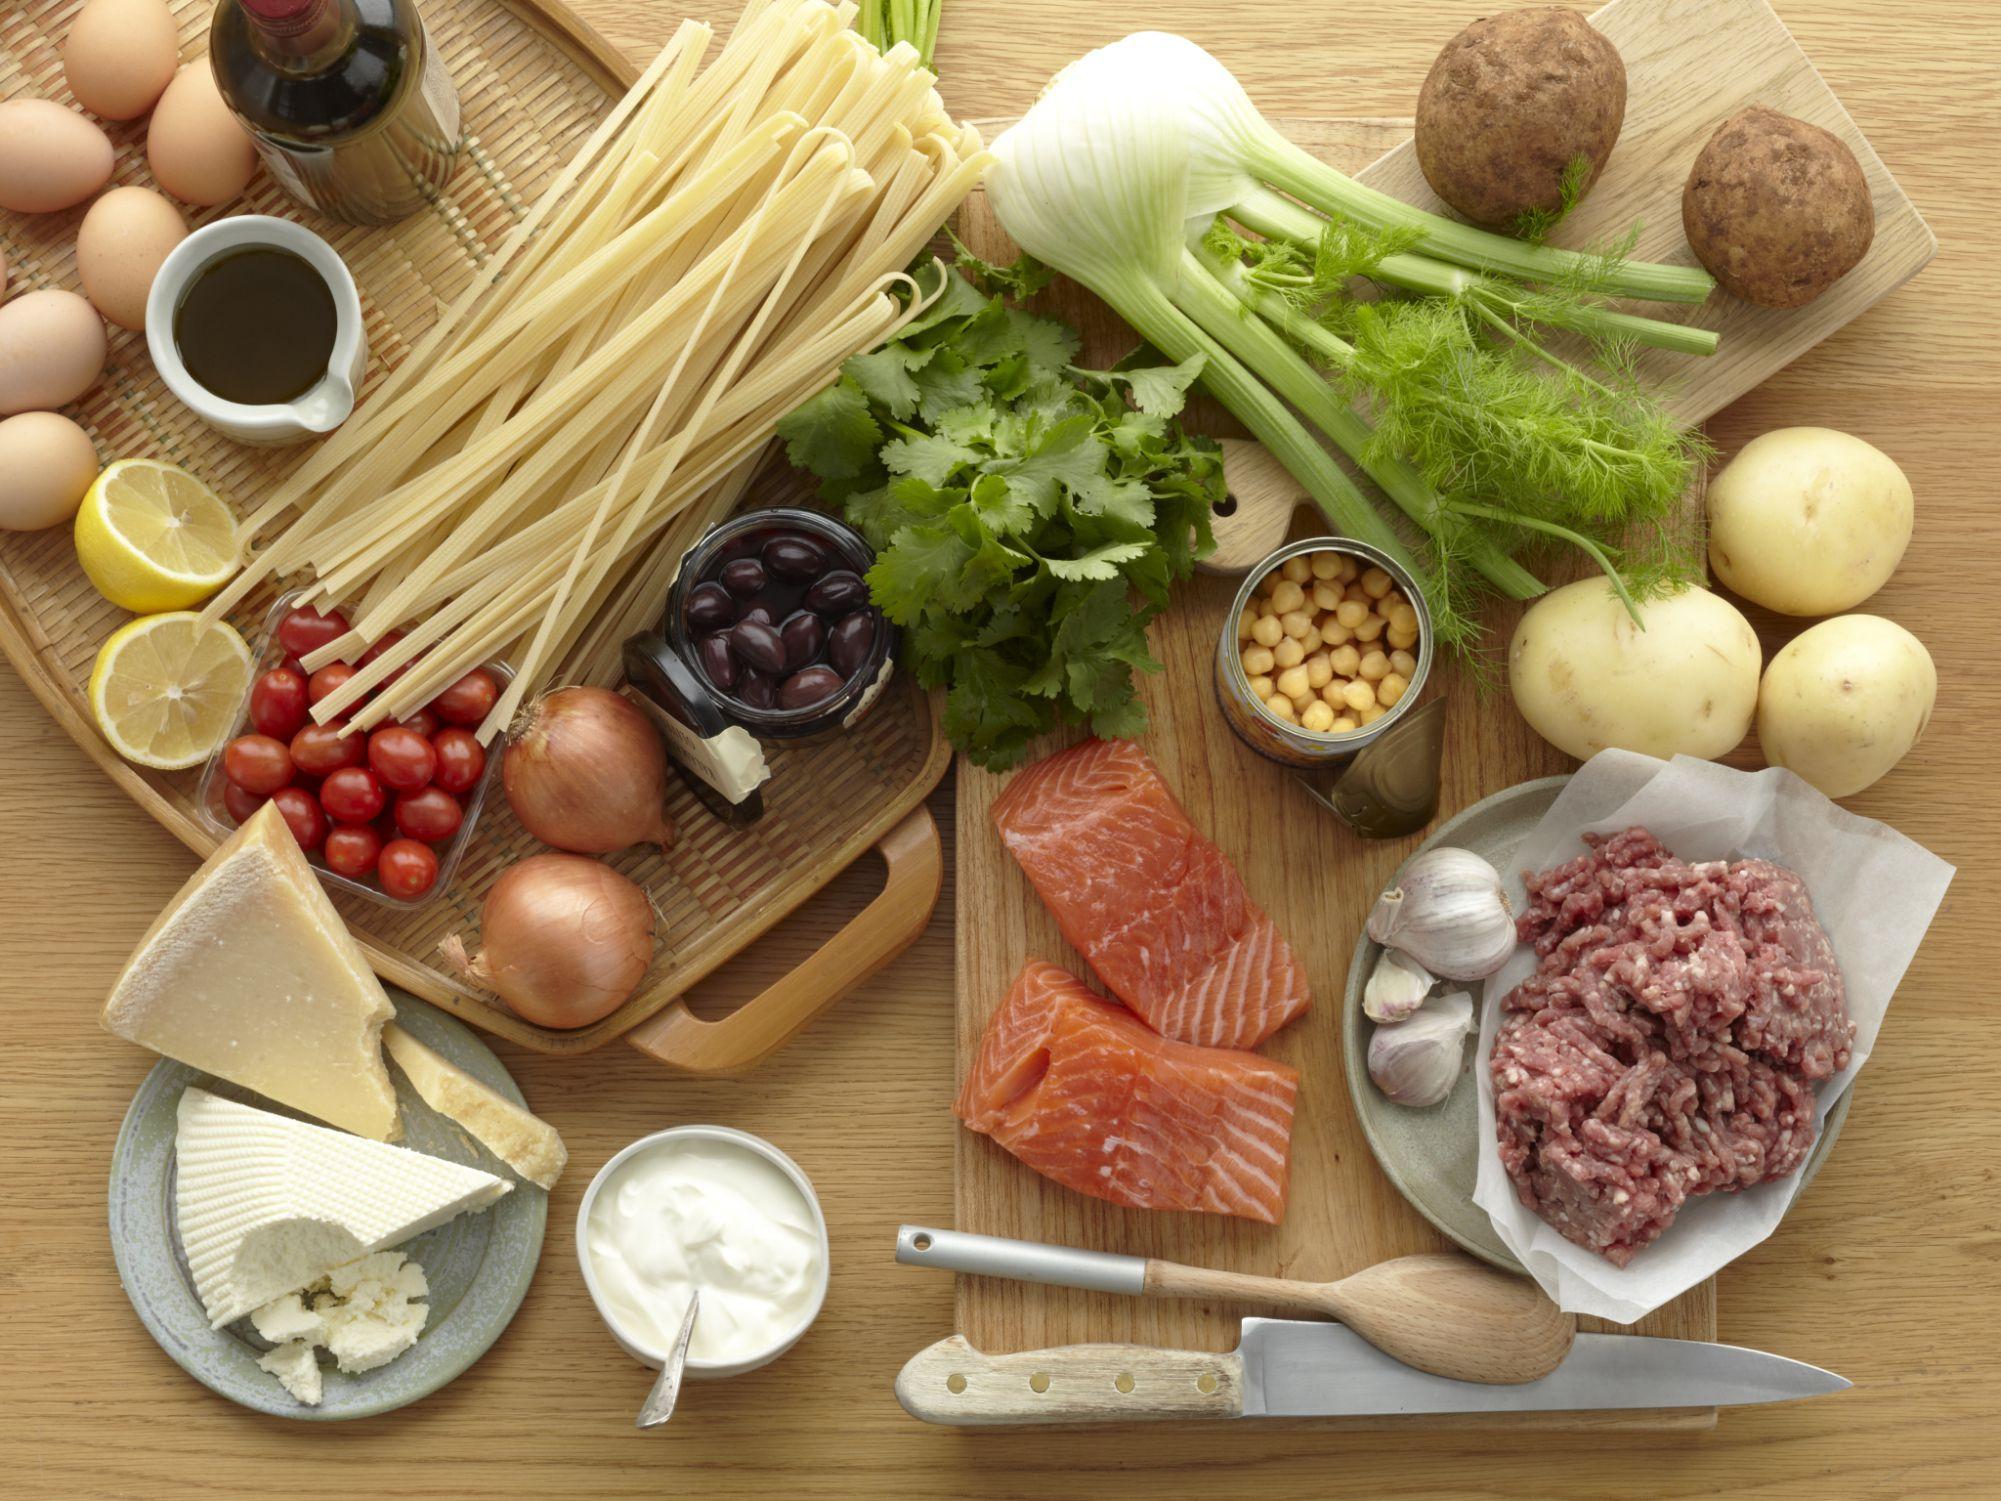 comidas que contienen carbohidratos y proteinas